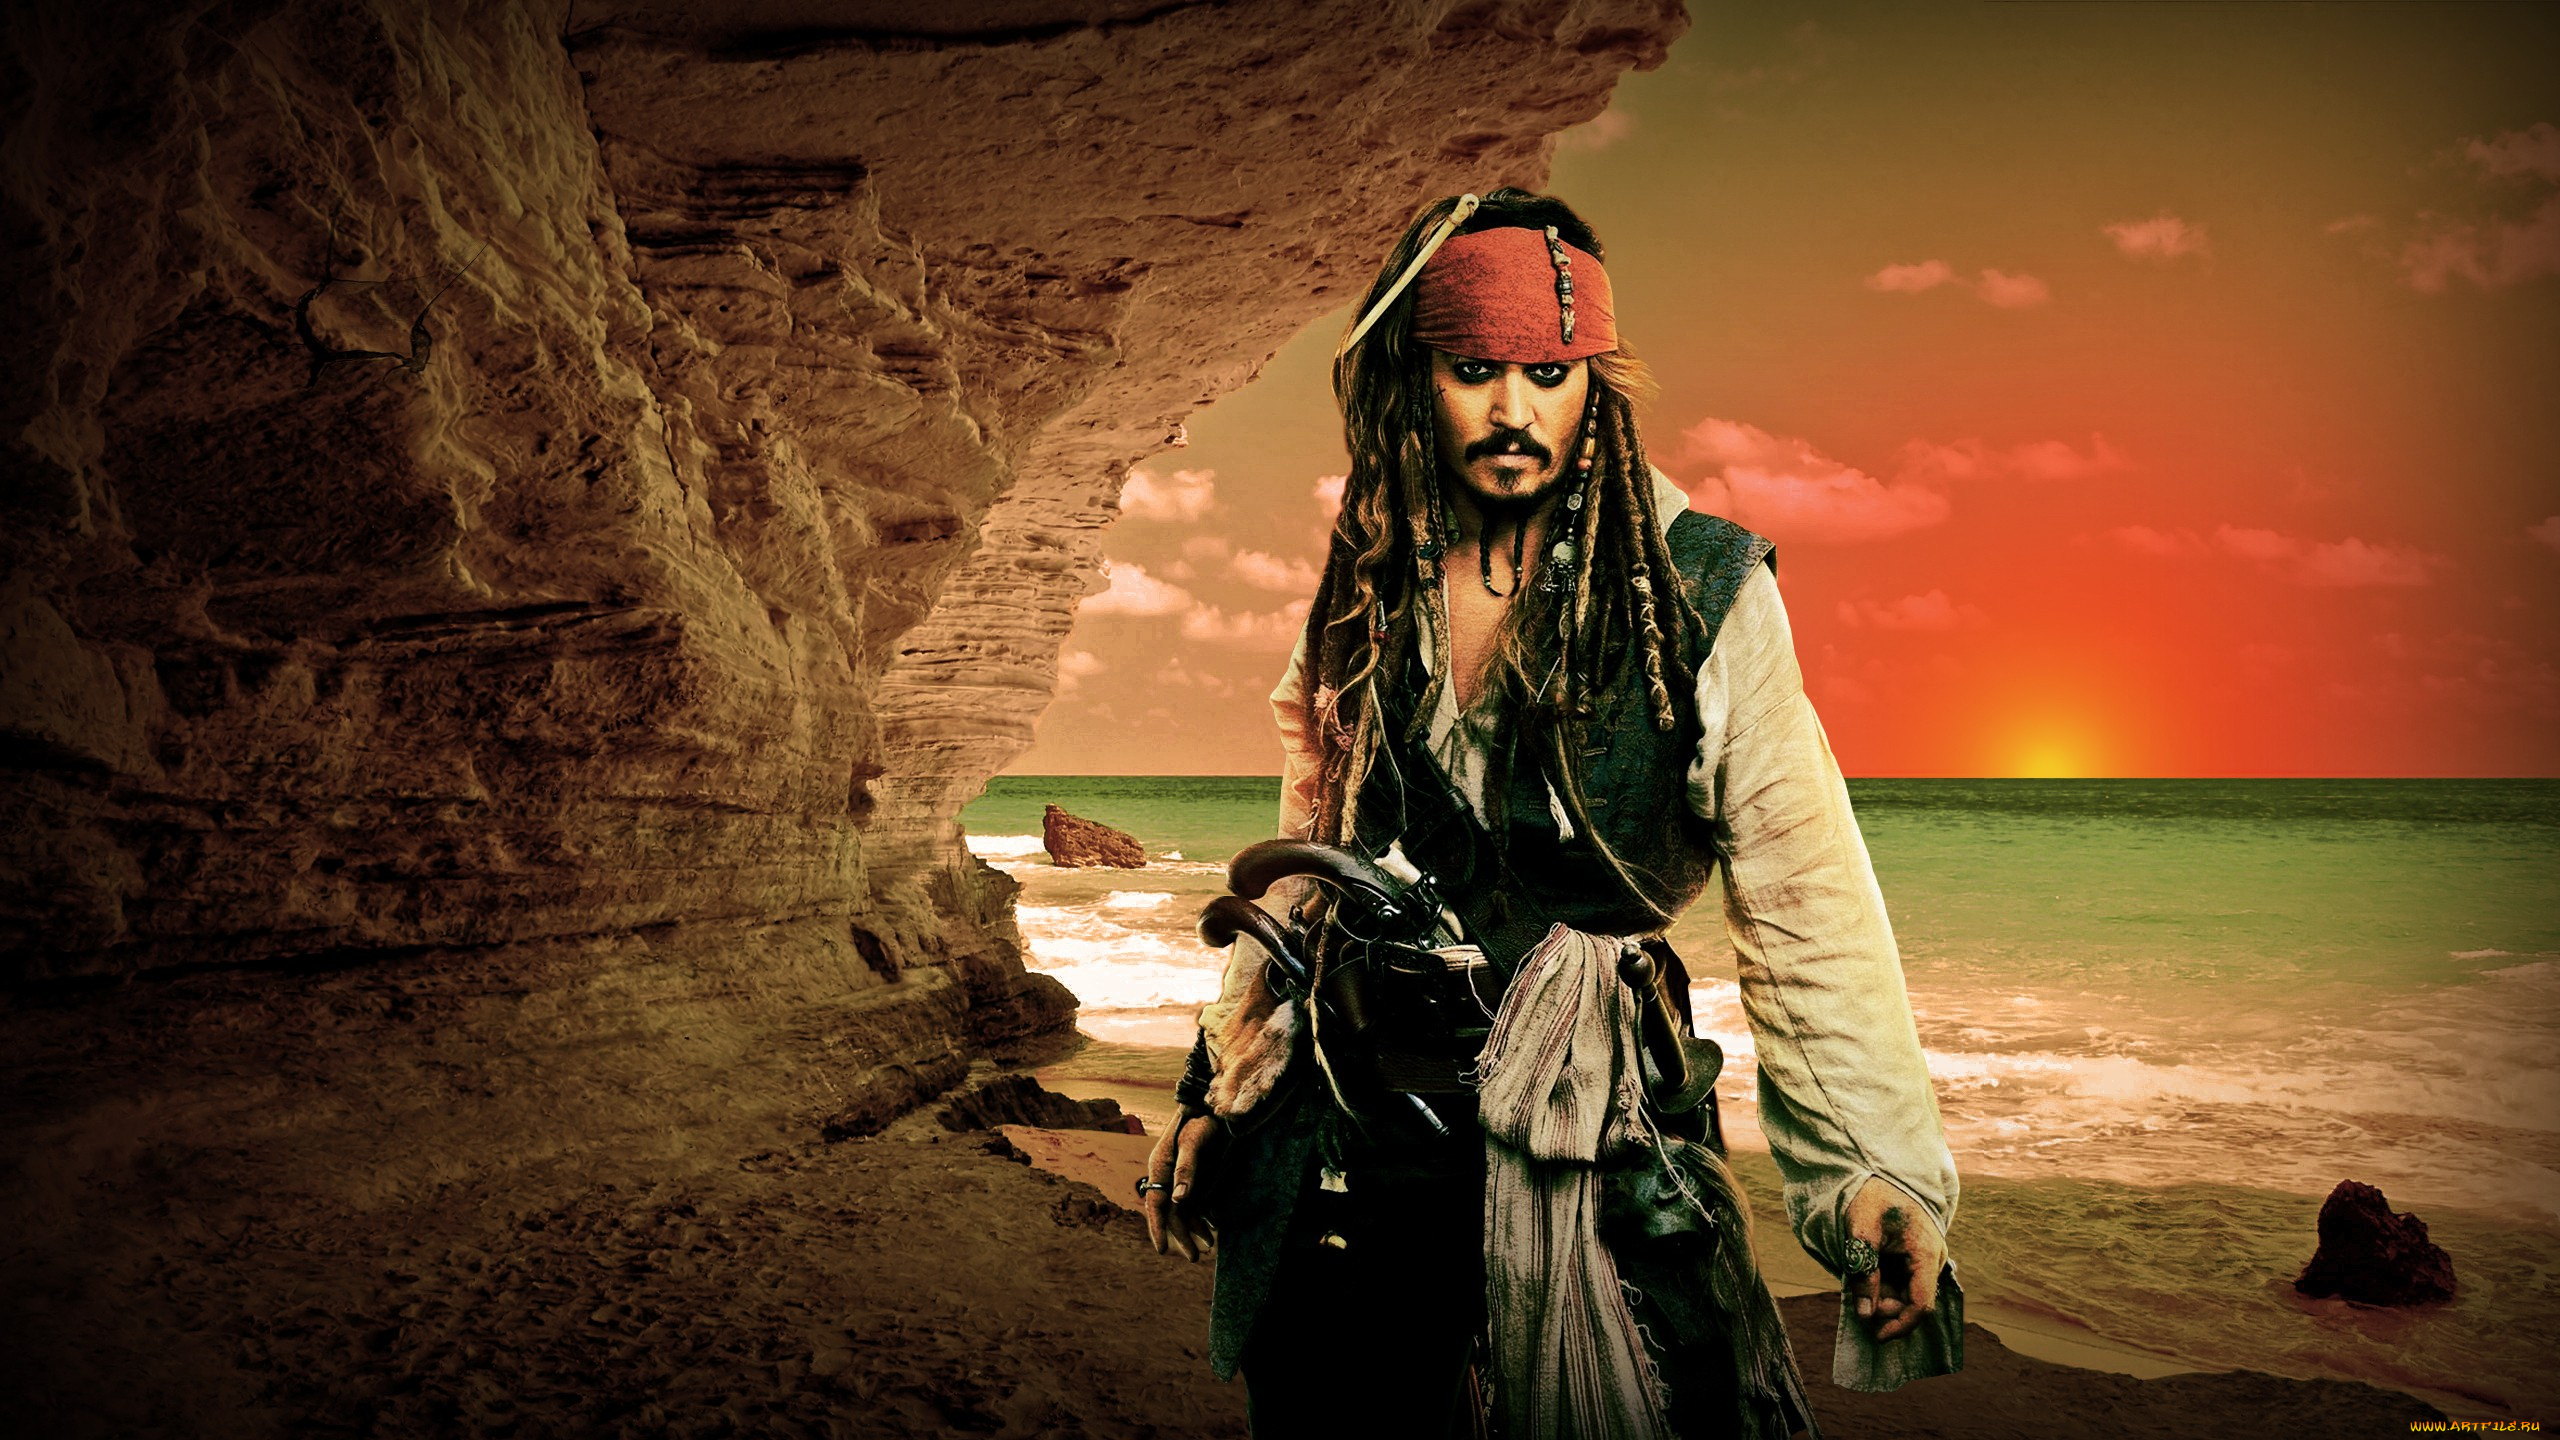 пираты карибского моря джек воробей море природа остров песок лодка вода  № 1386156 бесплатно